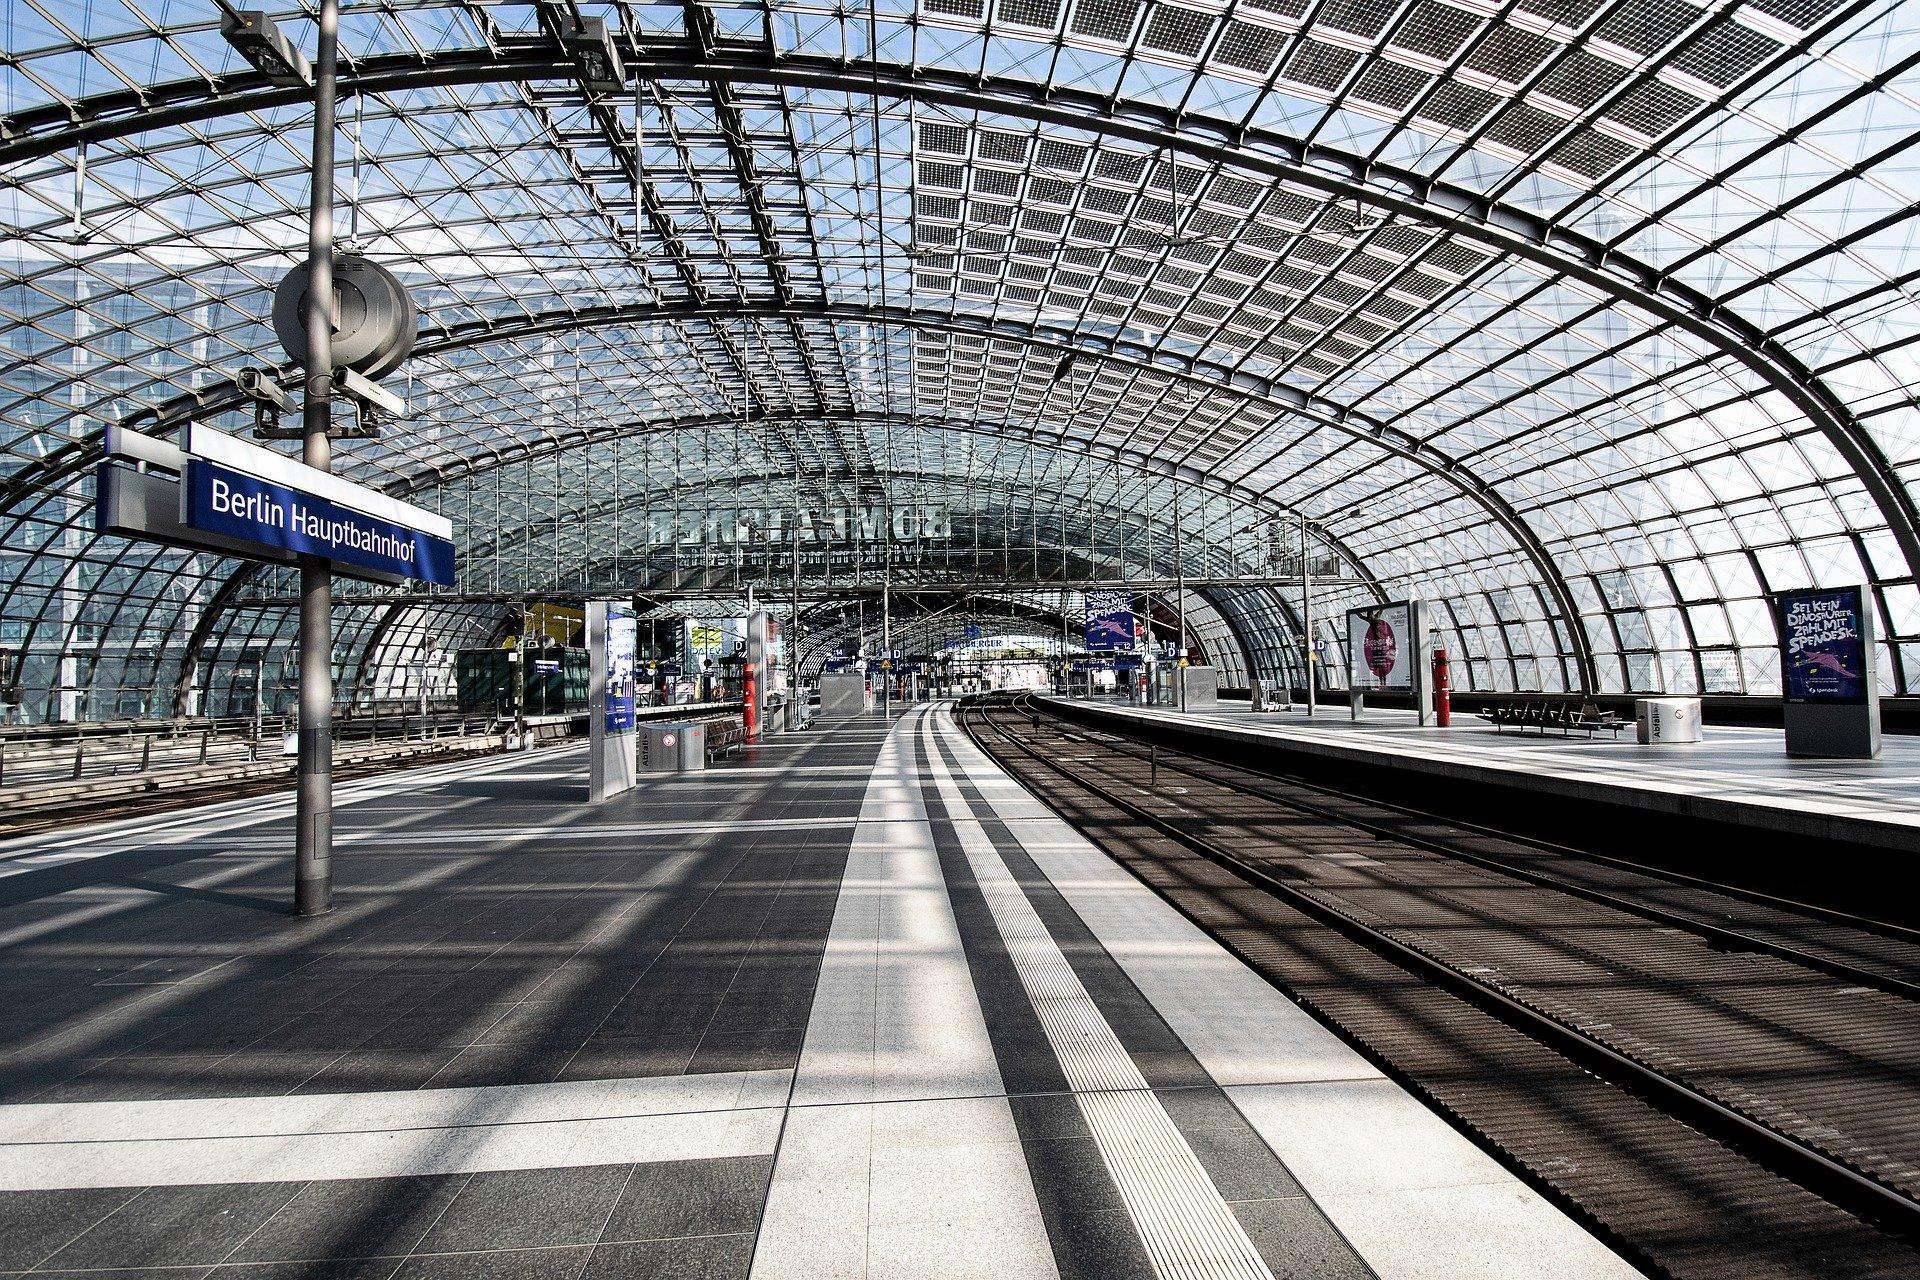 Estação ferroviária de Berlin vazia